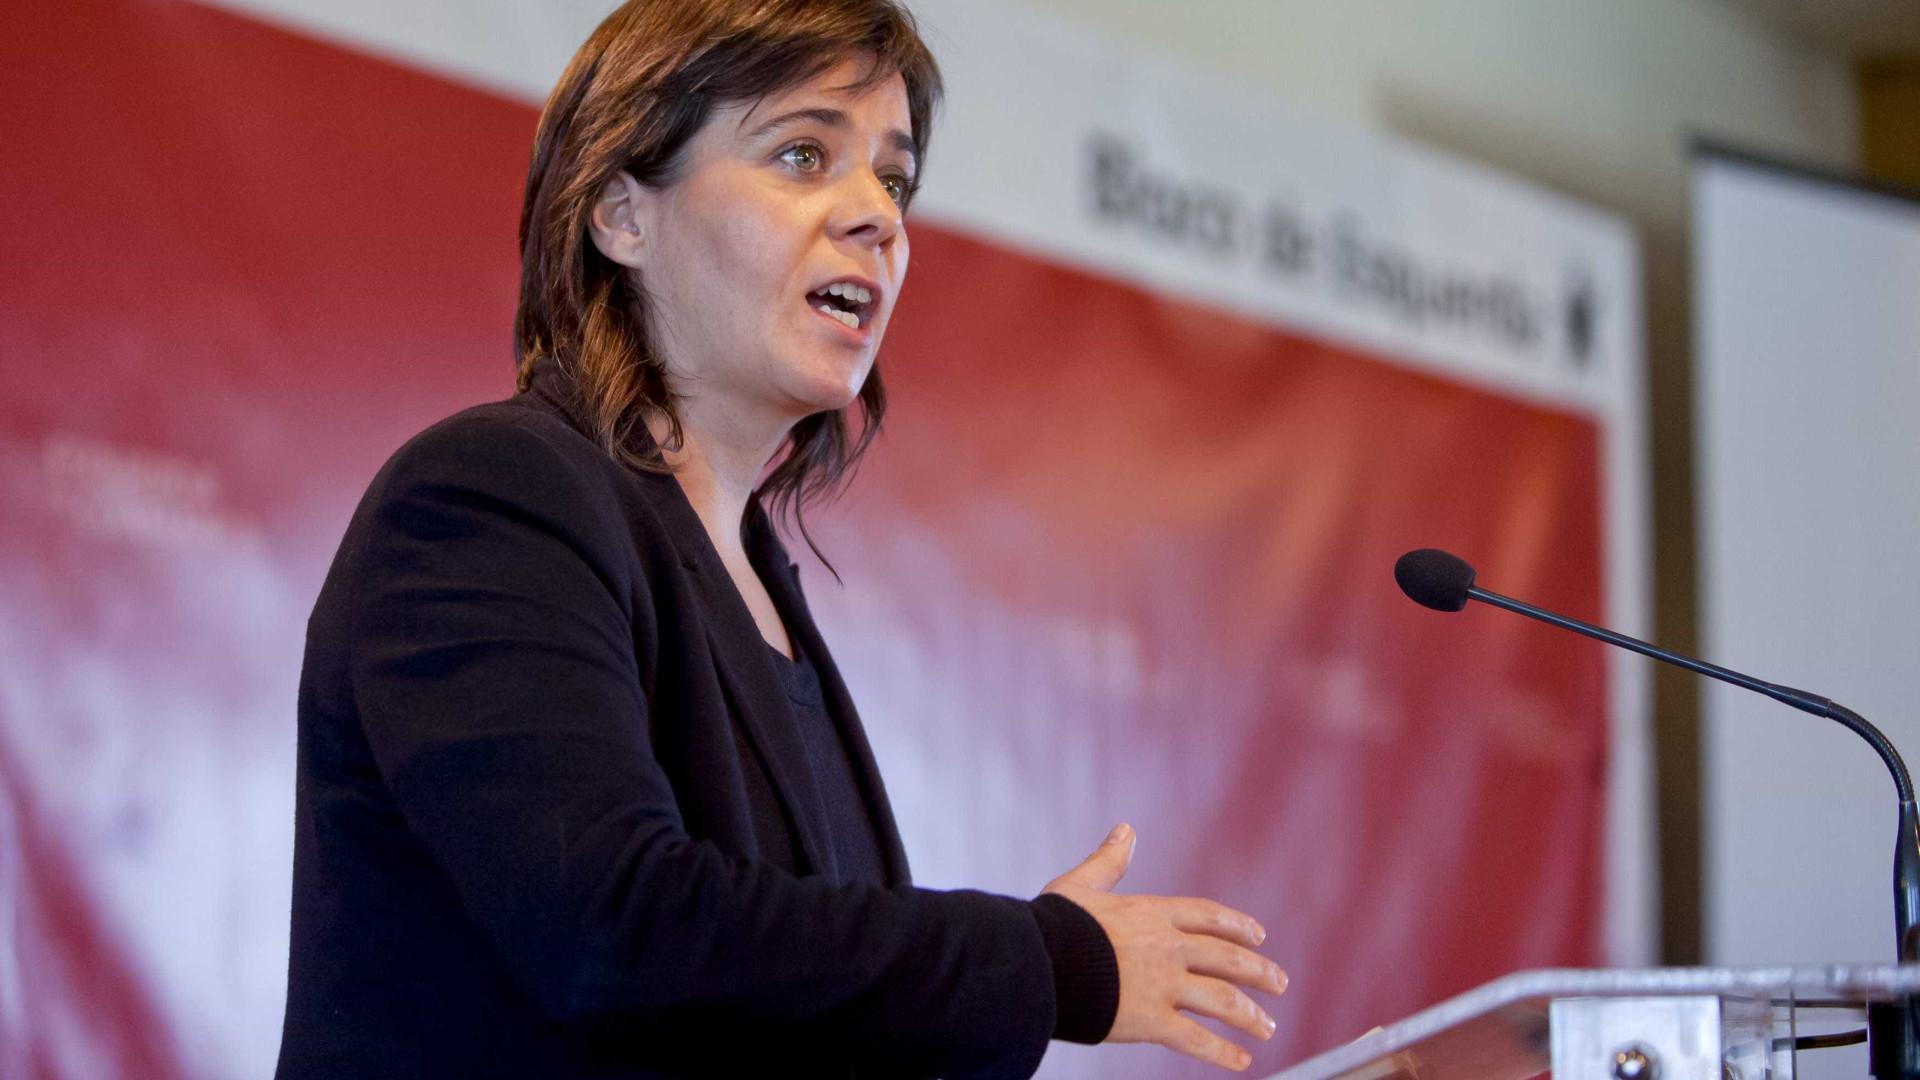 """""""PSD está incomodado com impostos, mas teria feito muito mais impostos"""""""